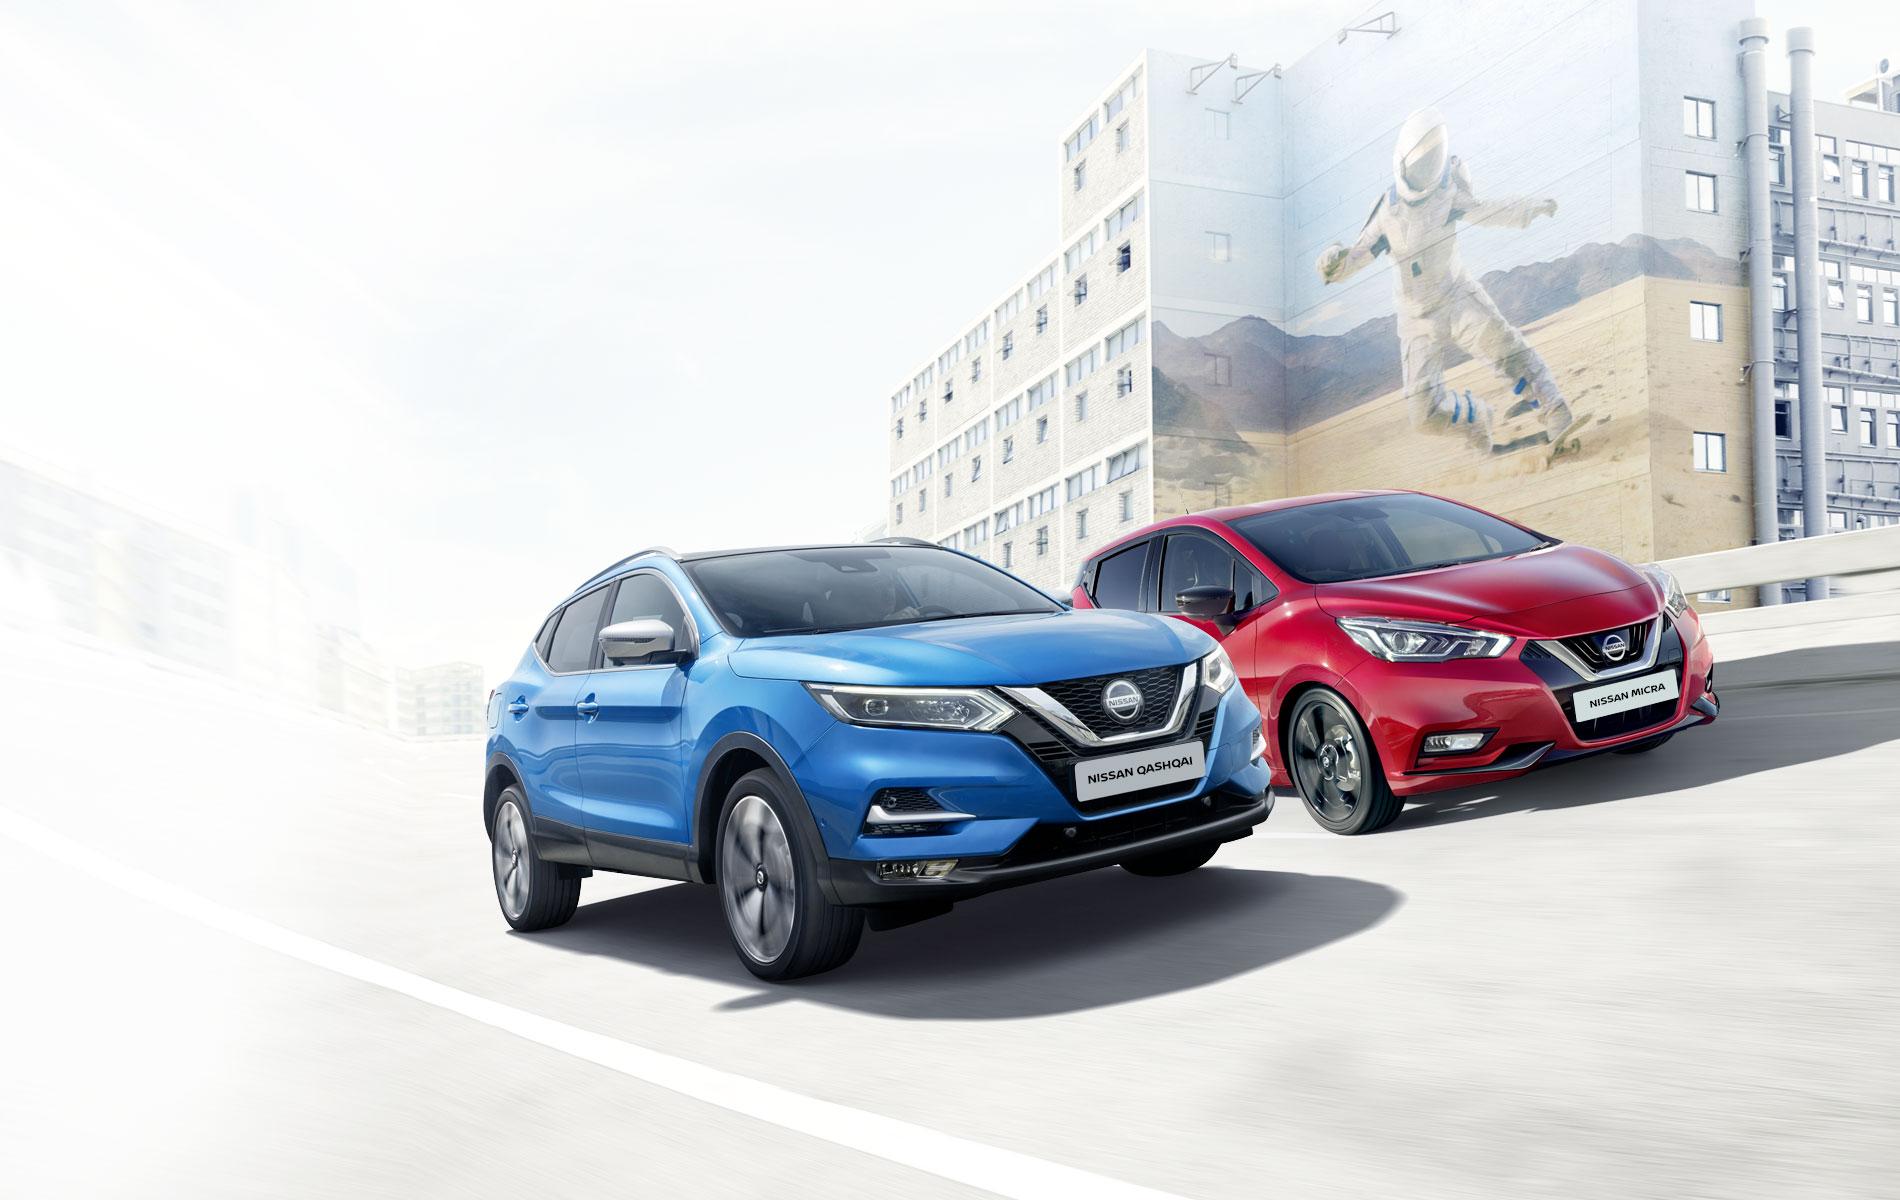 Offre Nissan Qashqai et Micra boîte automatique